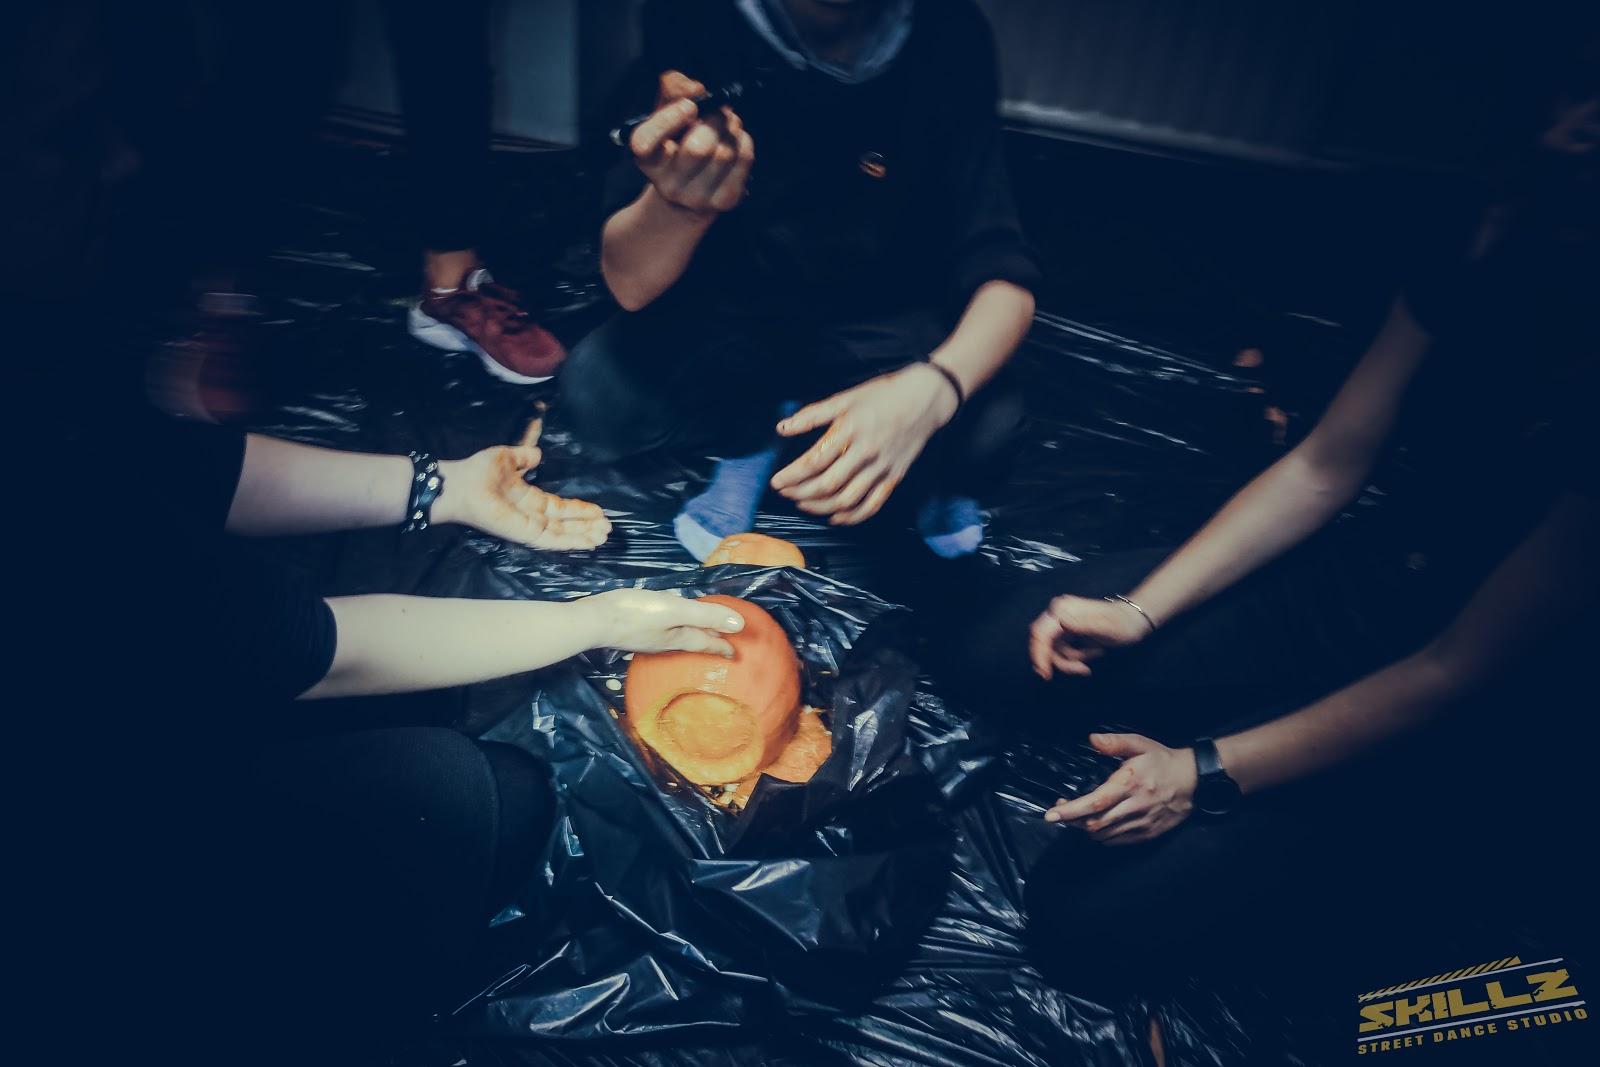 Naujikų krikštynos @SKILLZ (Halloween tema) - PANA2051.jpg